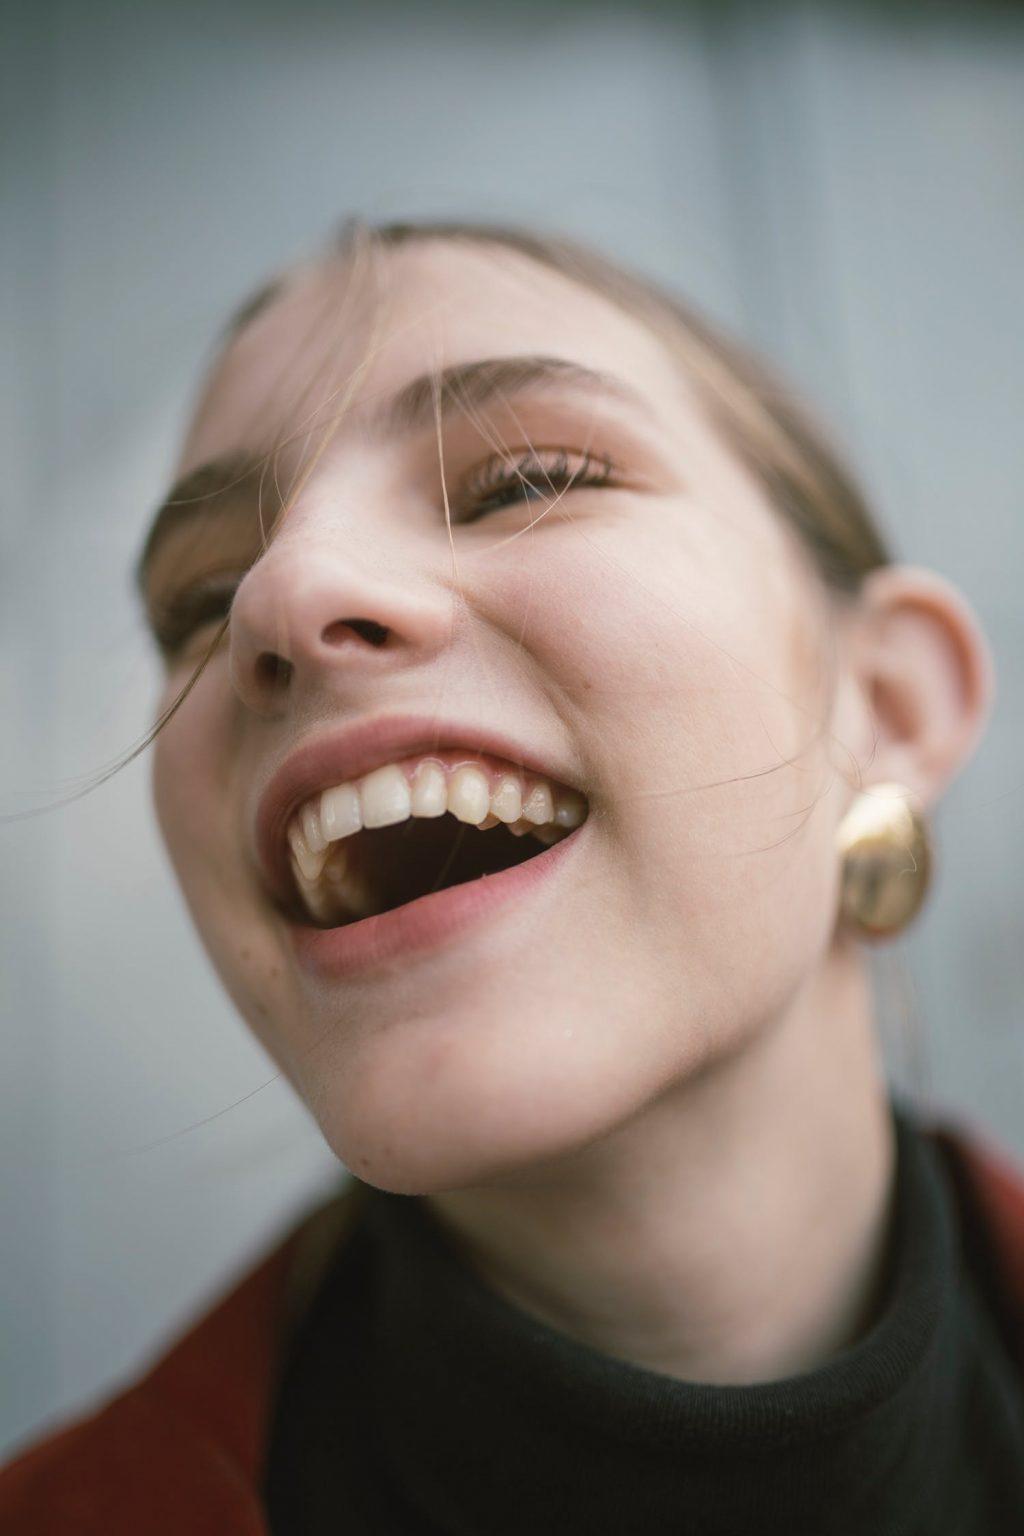 chăm sóc răng miệng - cô gái cười